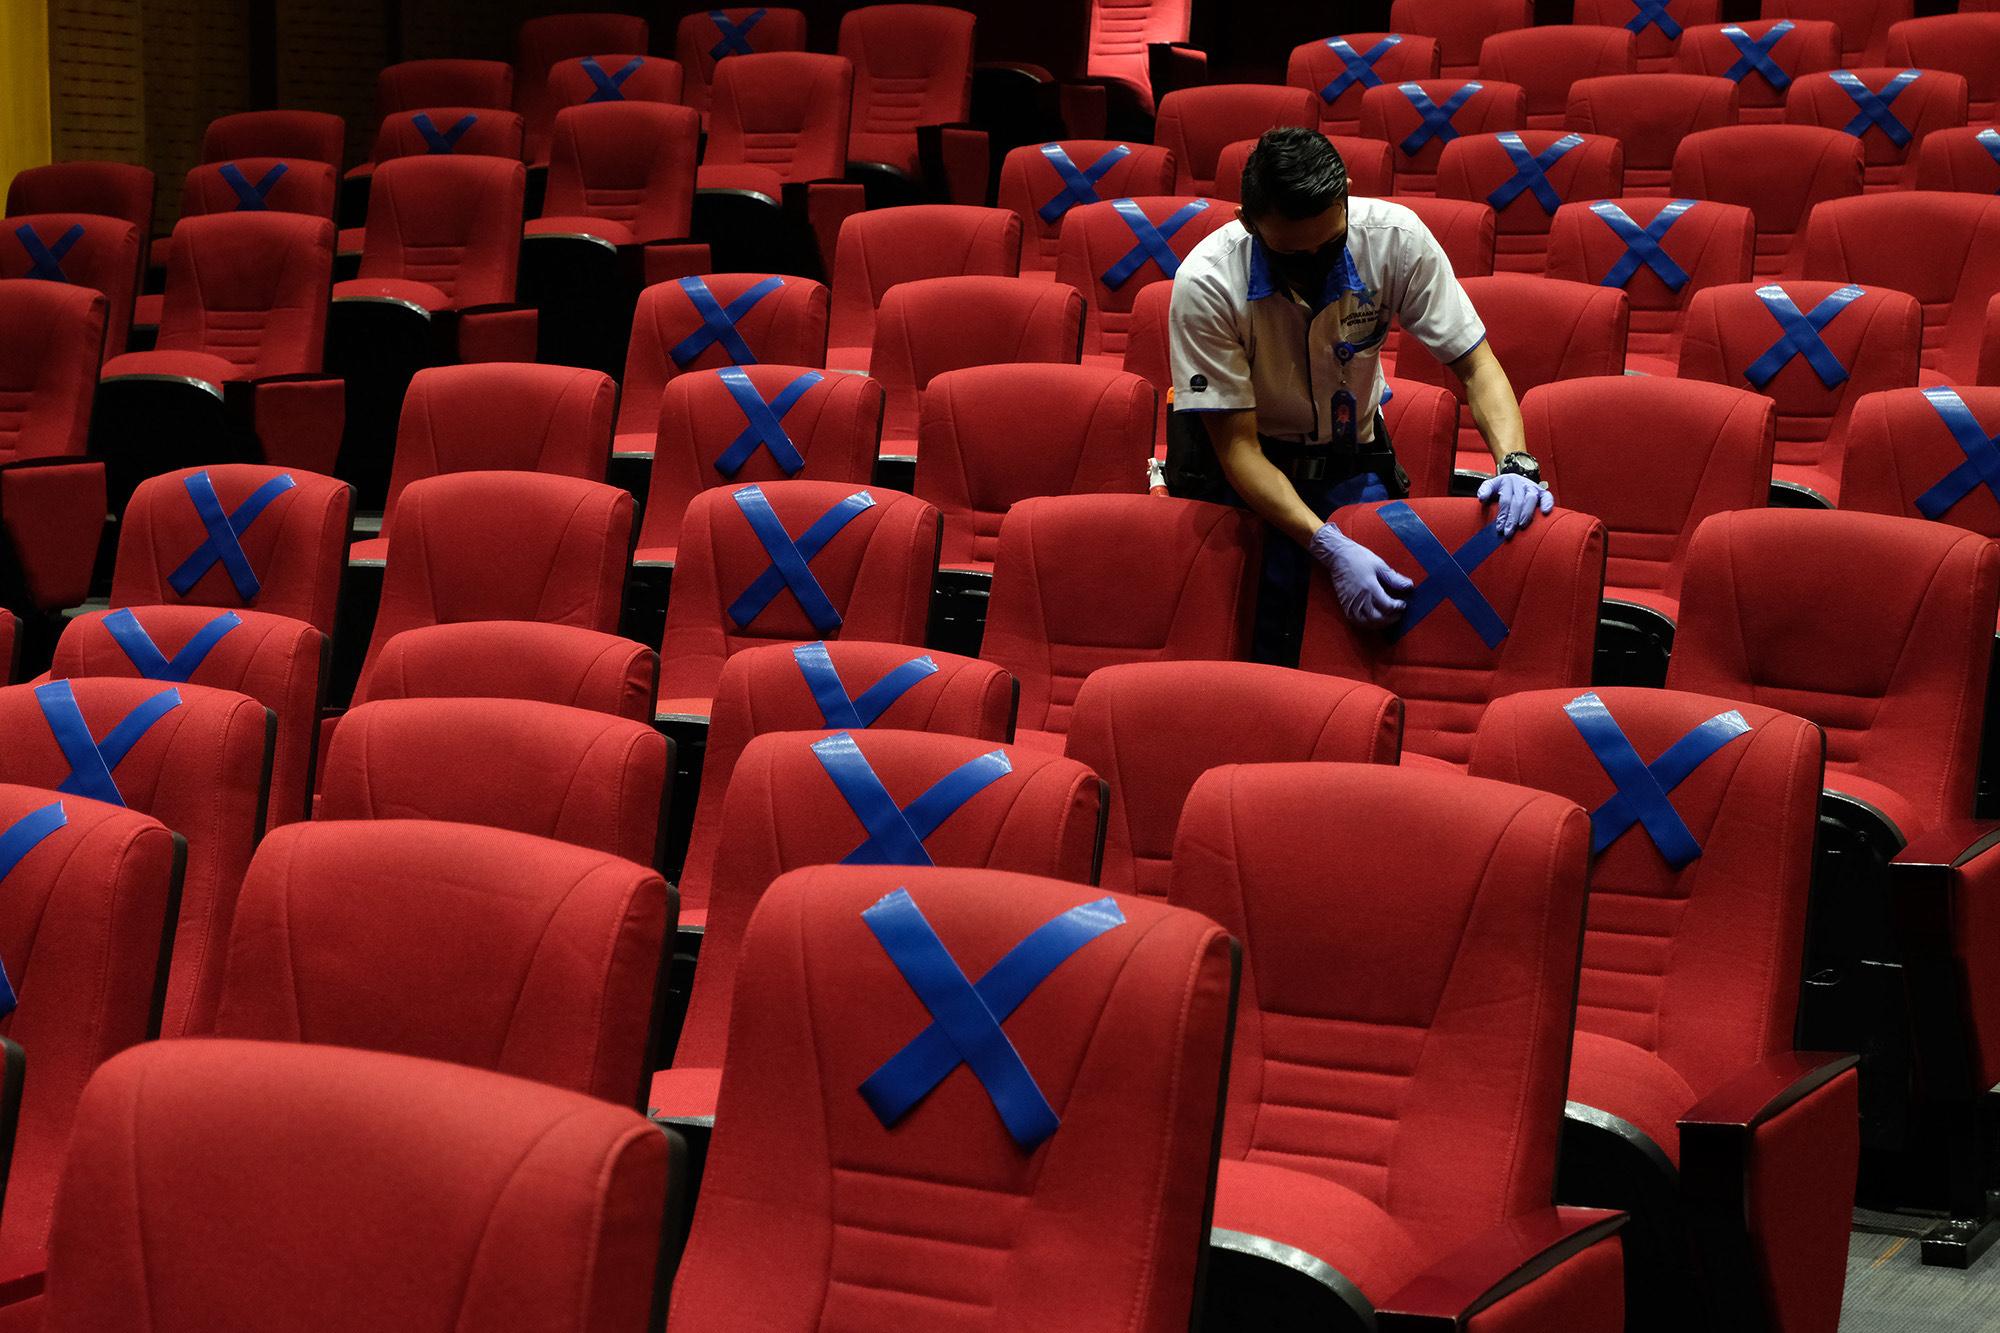 Bioskop Kembali Dibuka, Tetap Utamakan Protokol